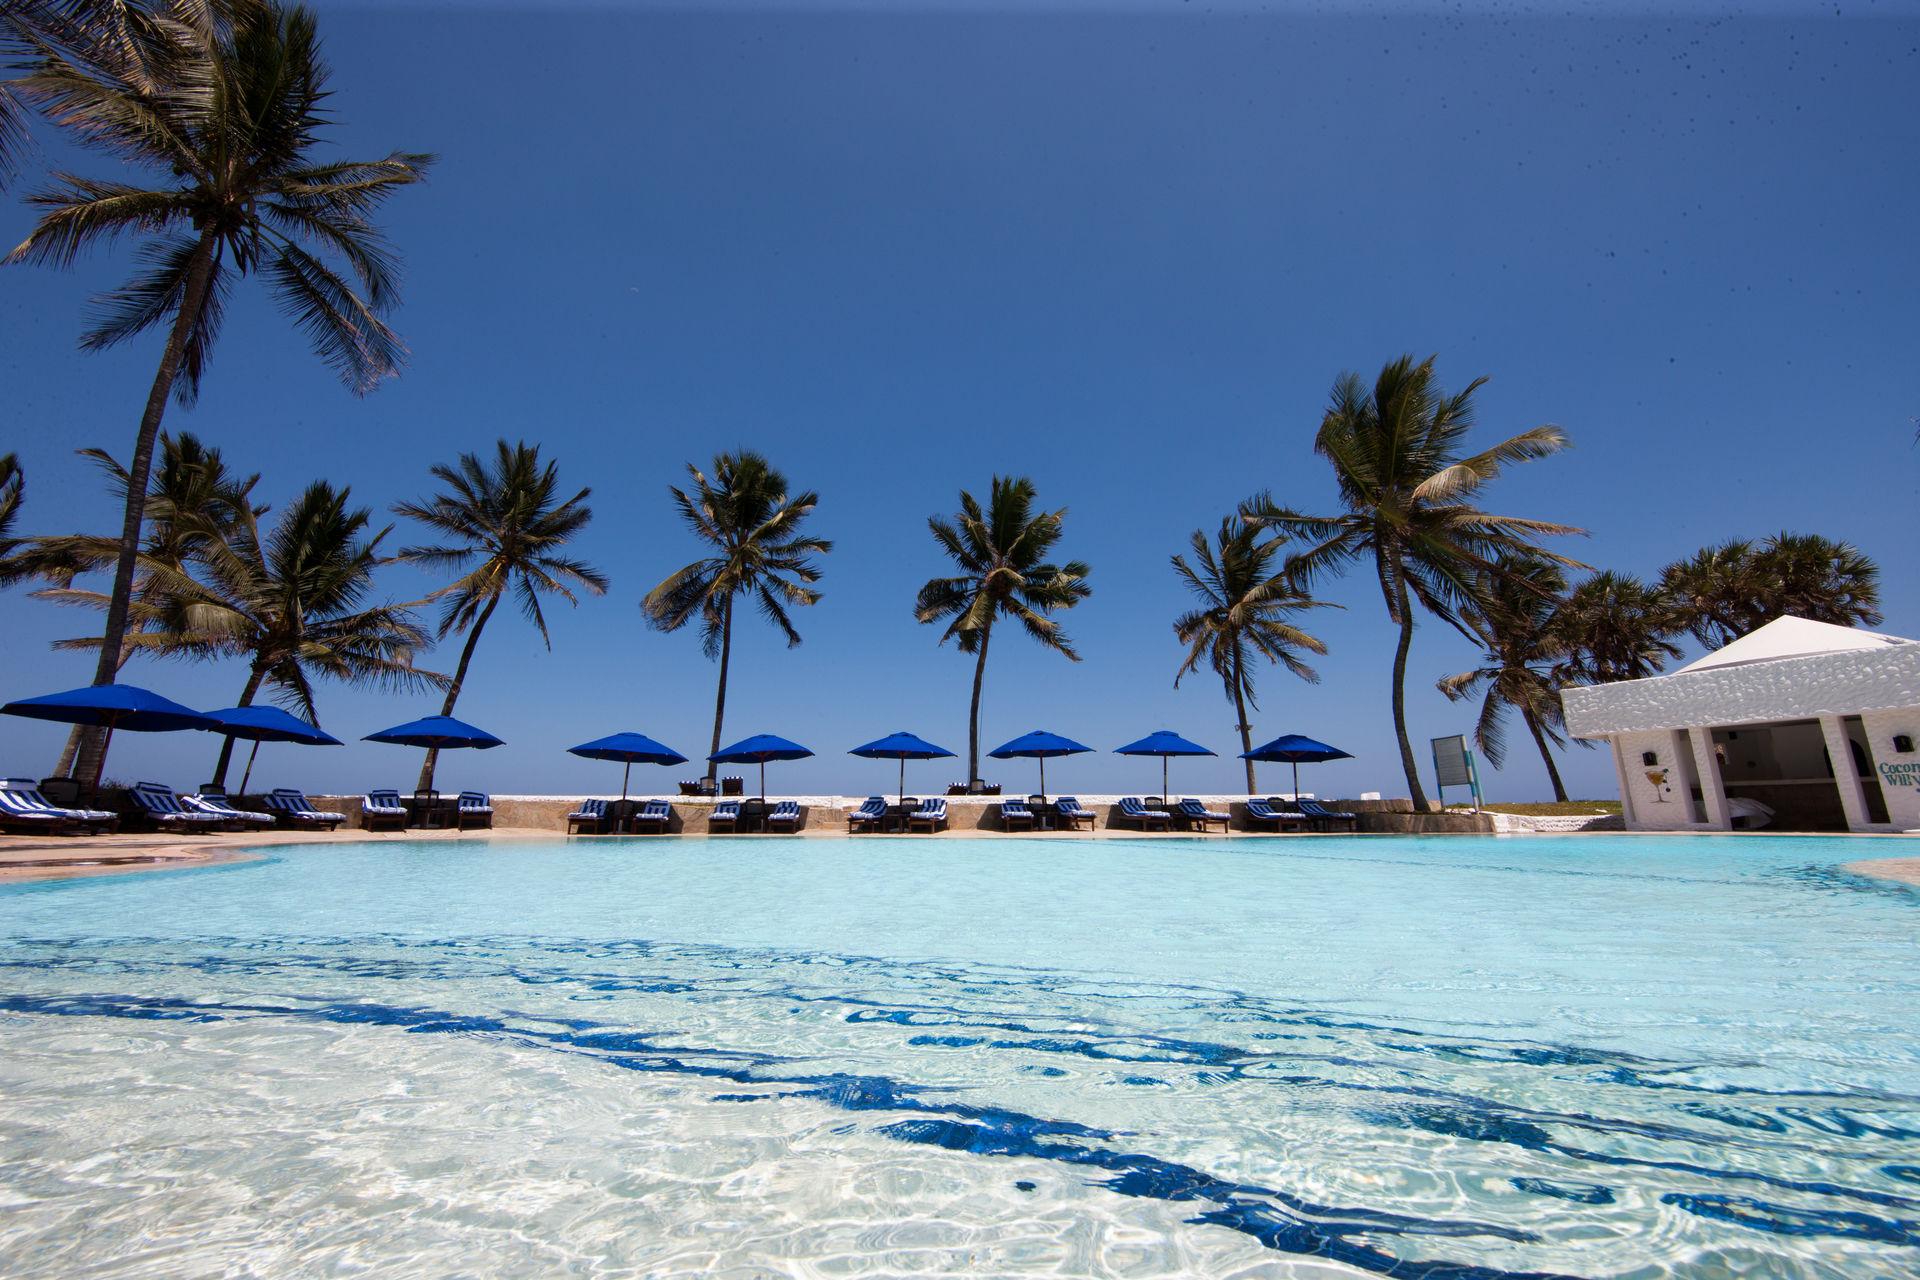 Safari et hôtel jacaranda indian ocean beach resort 4*